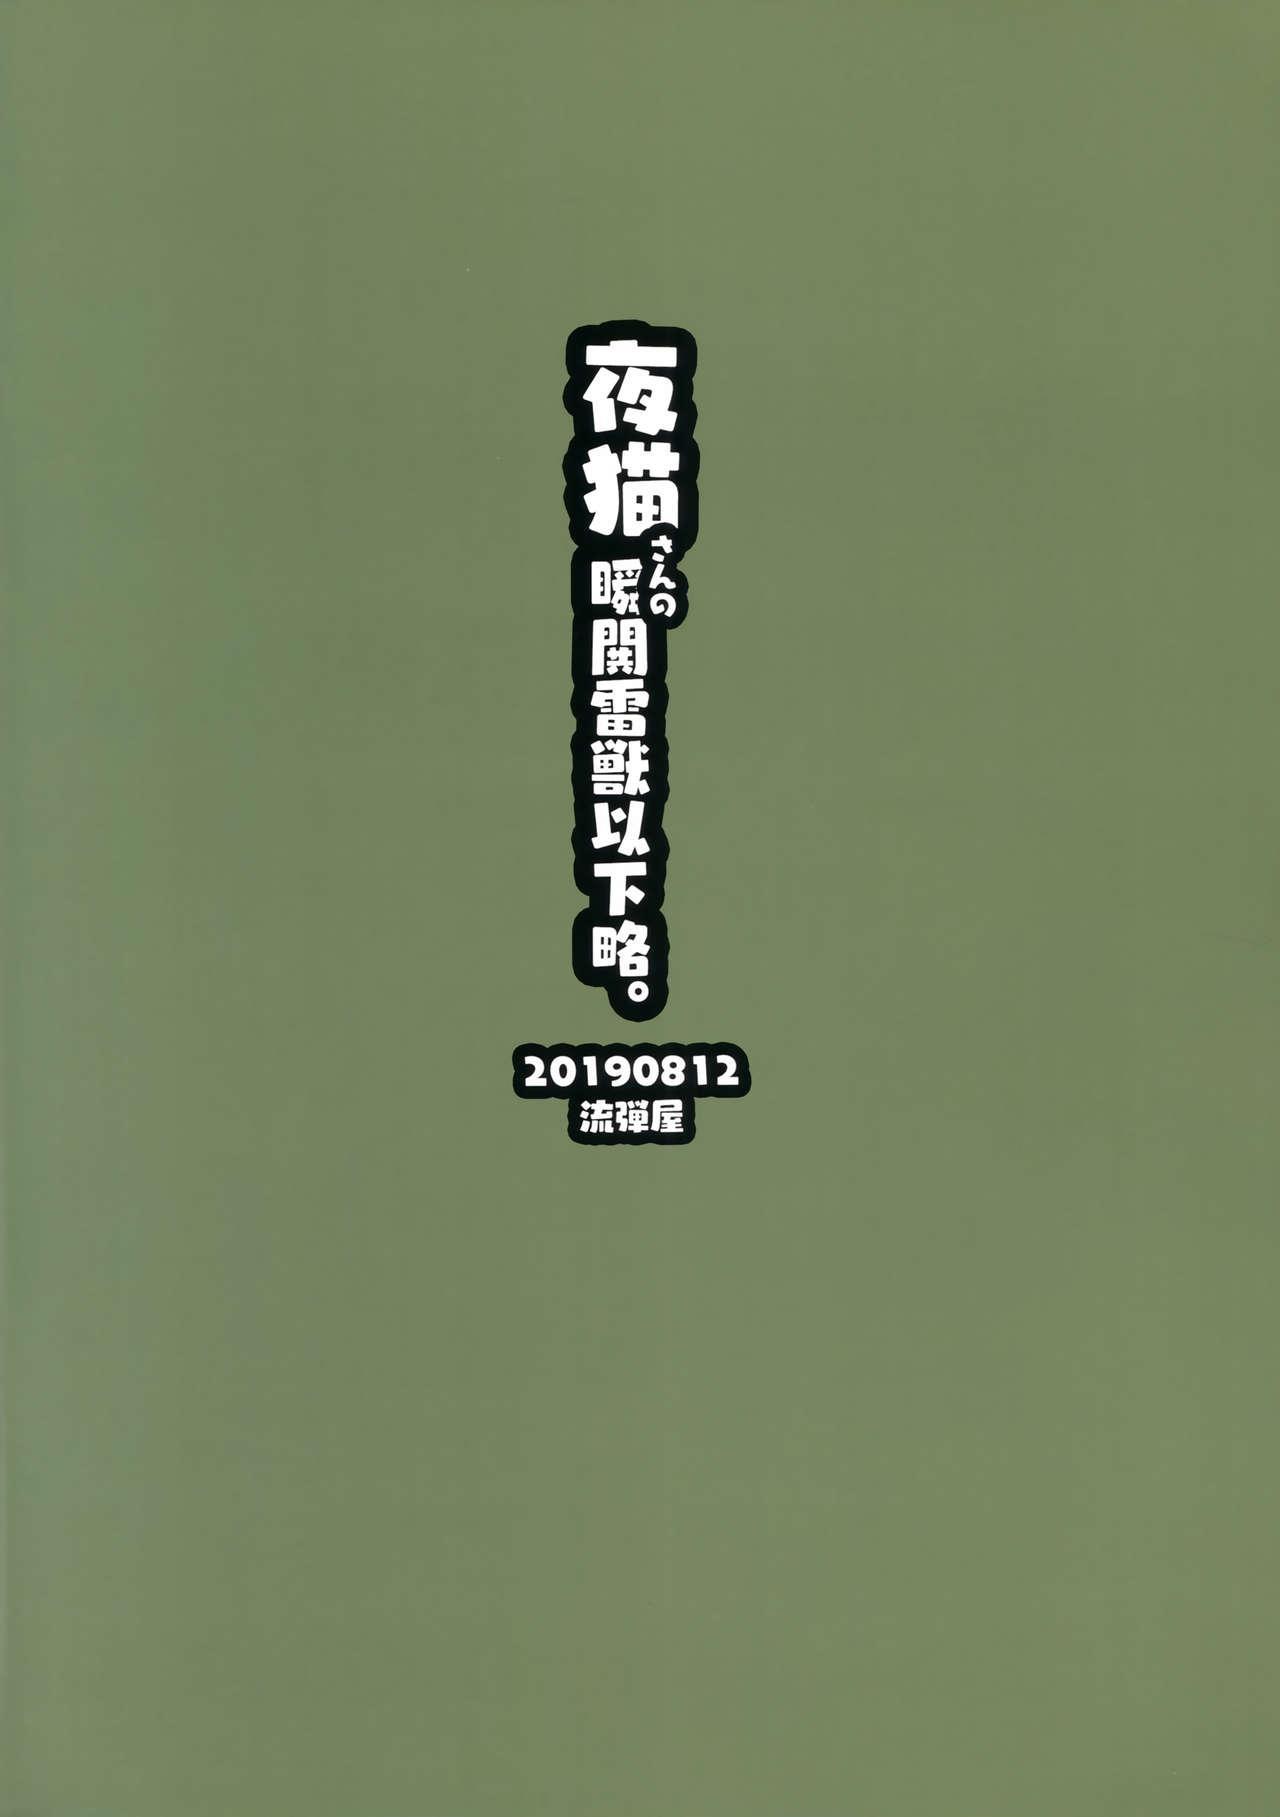 Yoruneko-san no Shunkou Raijuu Ikaryaku 29